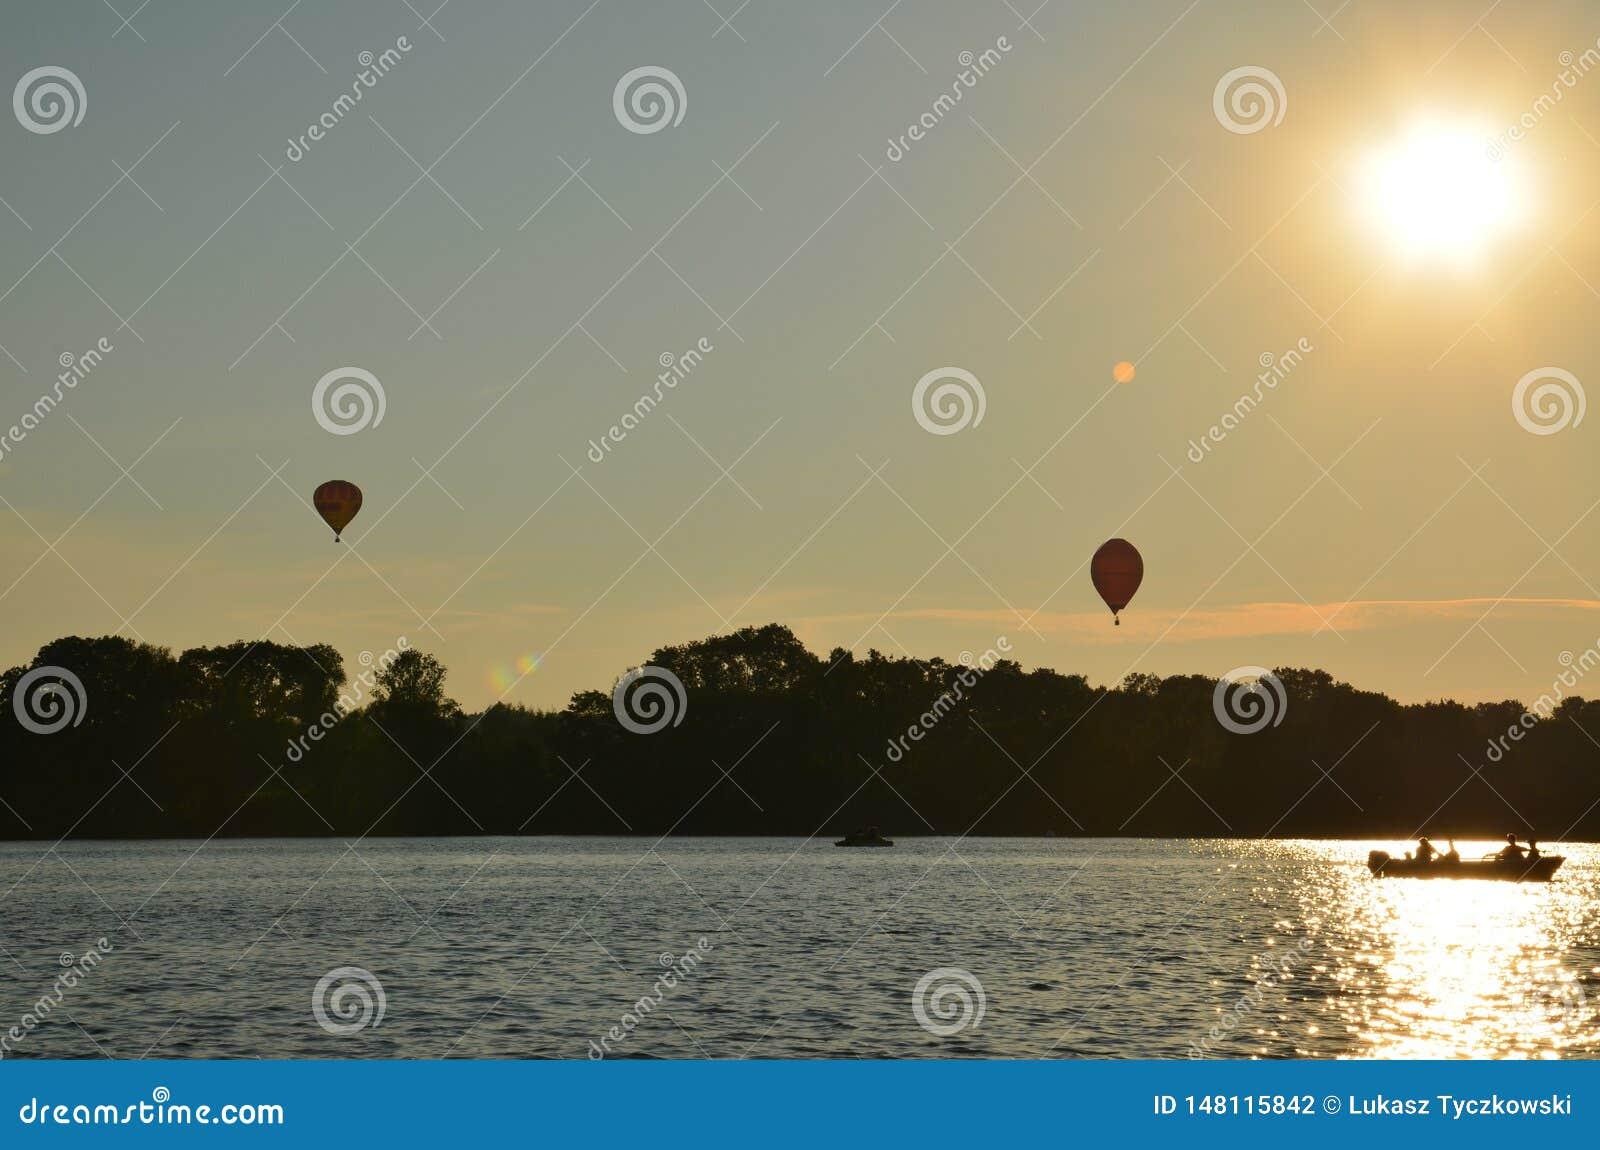 Горячие воздушные шары над озером во взгляде Польши во время захода солнца